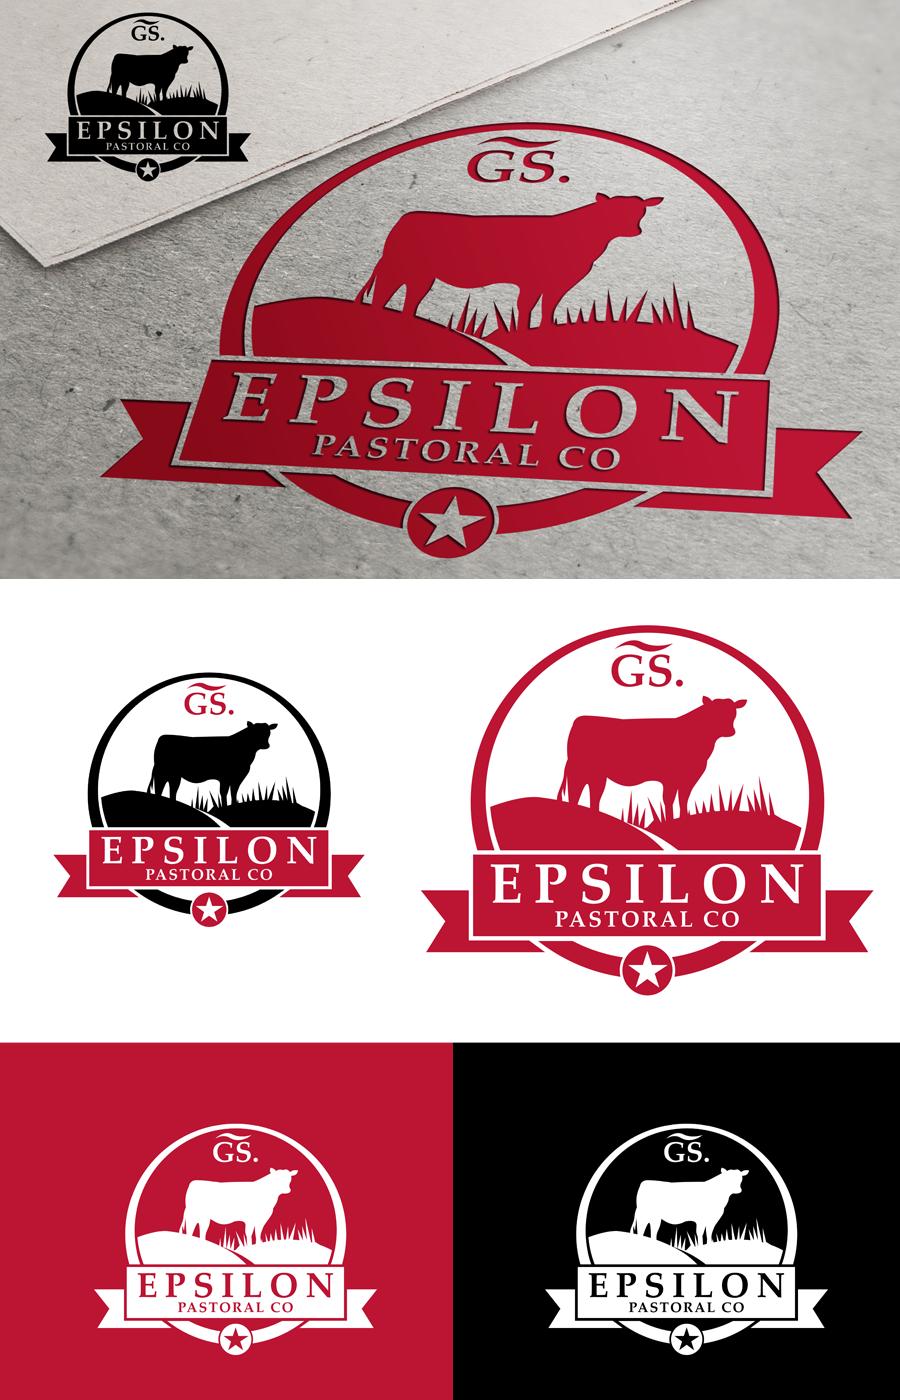 Logo Design by Private User - Entry No. 135 in the Logo Design Contest Imaginative Logo Design for EPSILON PASTORAL CO.